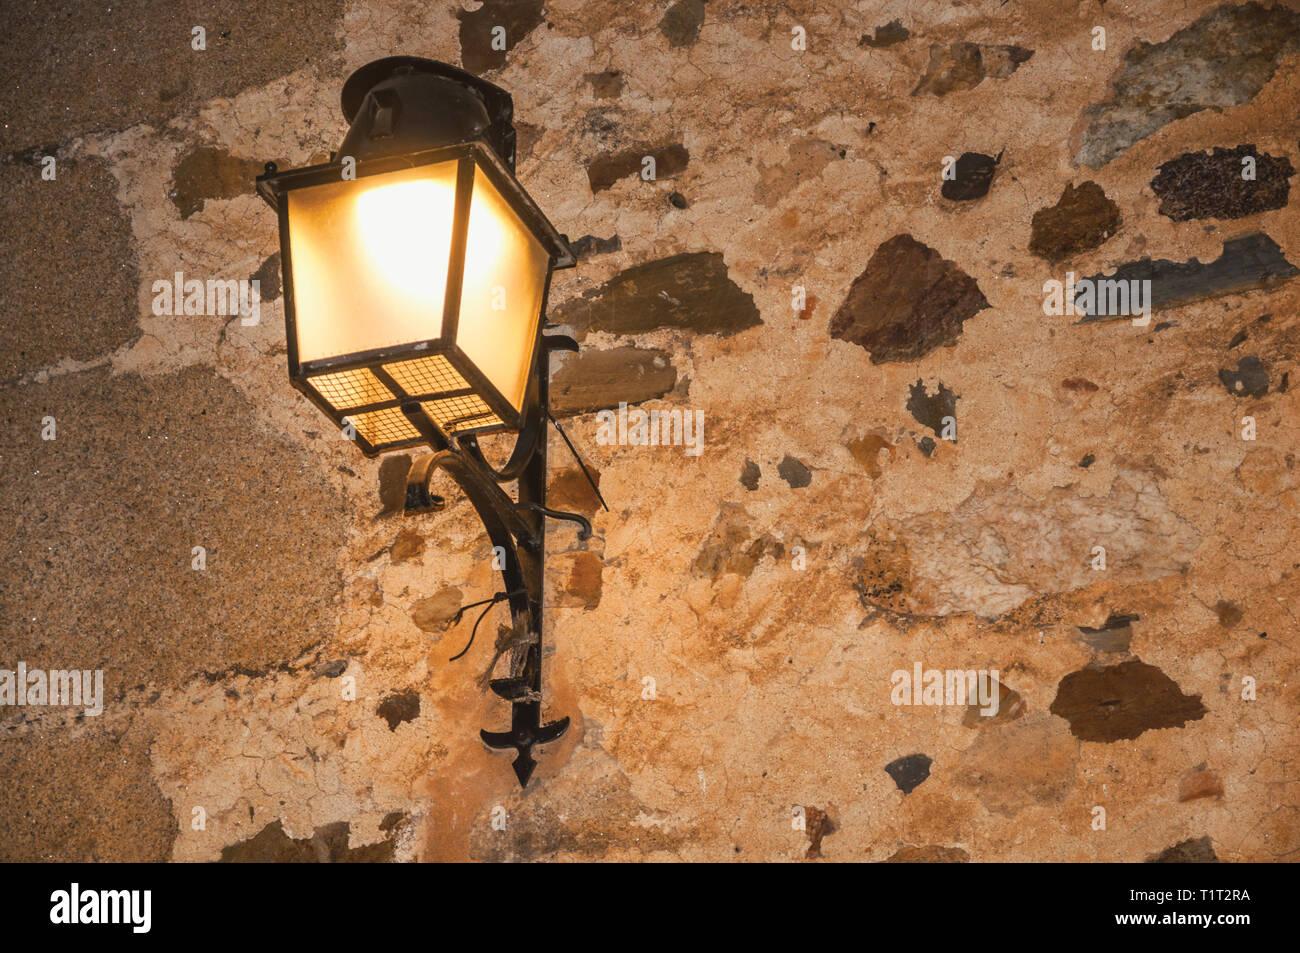 Bes applique beselettronica applique fiore lampada